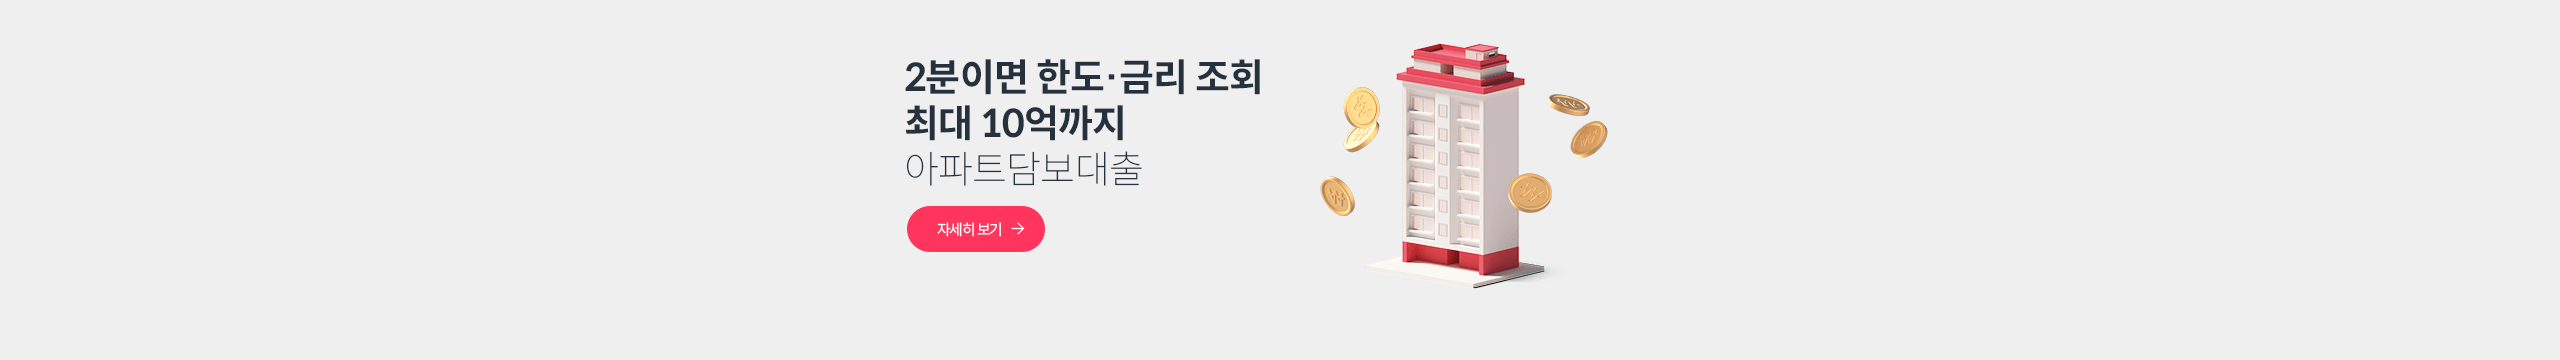 케이뱅크 아파트담보대출